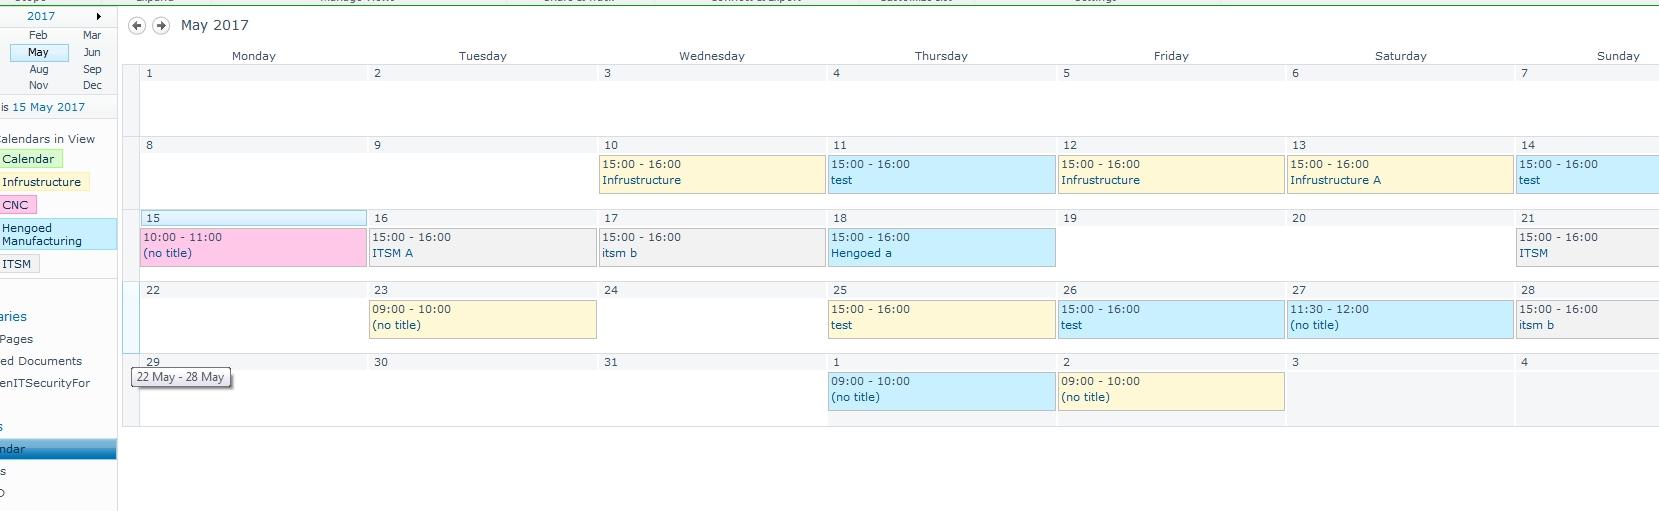 List - Making A Dropdown Choice Show Up In A Calendar View